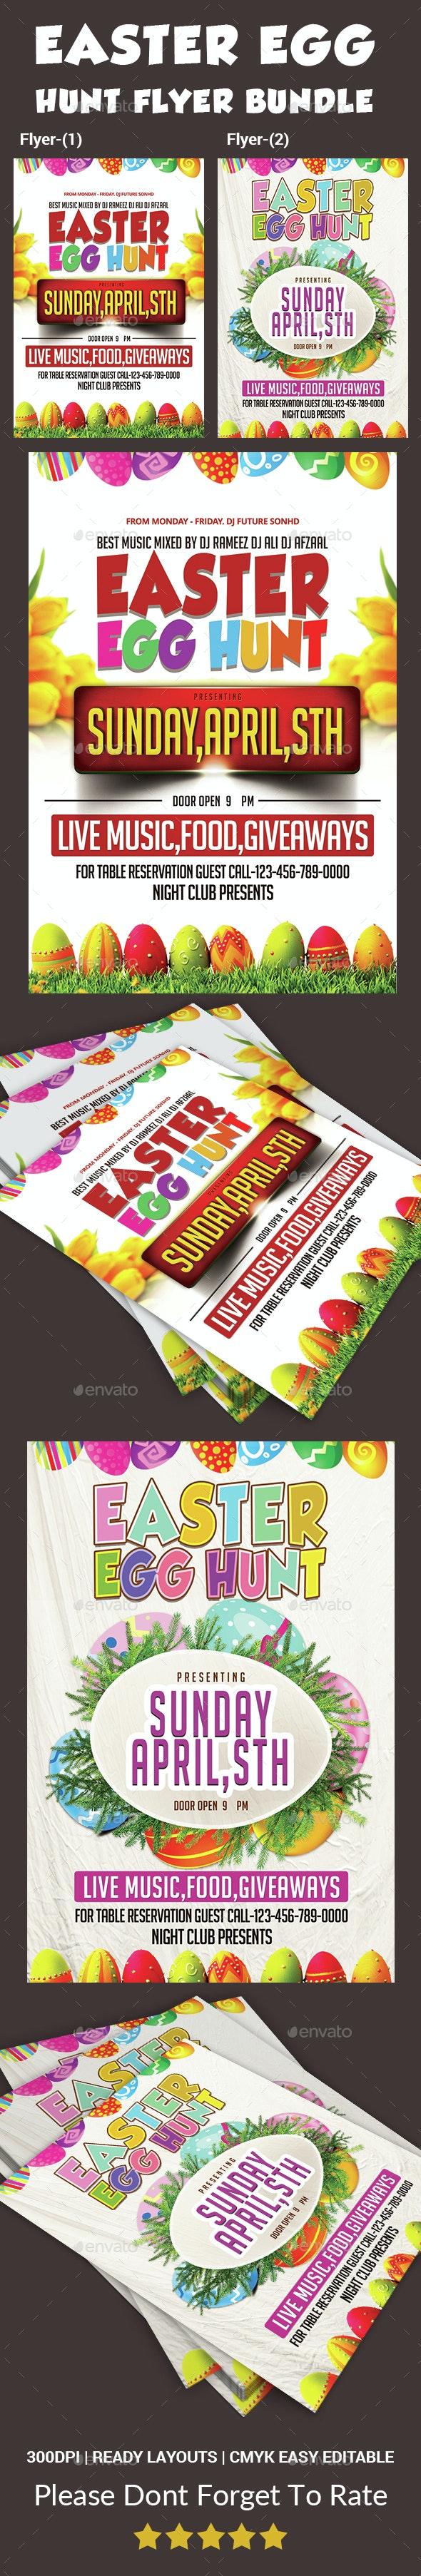 Easter Egg Hunt Flyer-Bundle - Events Flyers